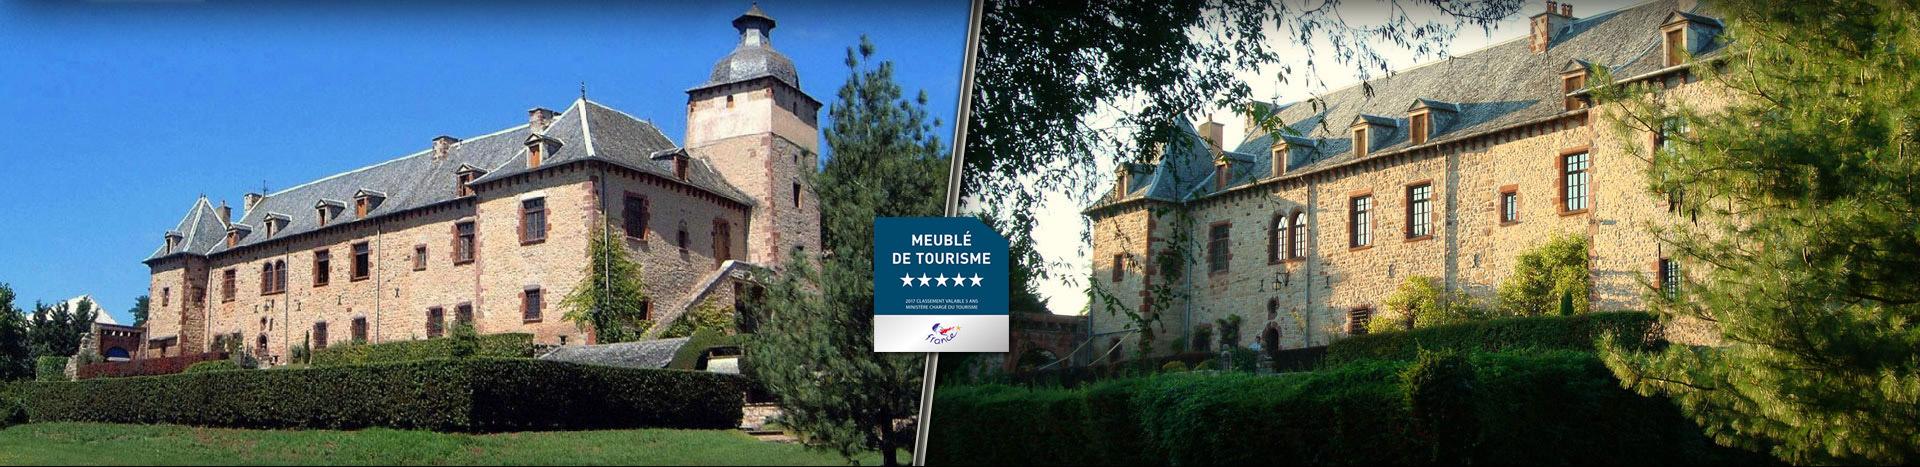 Photos du château en location